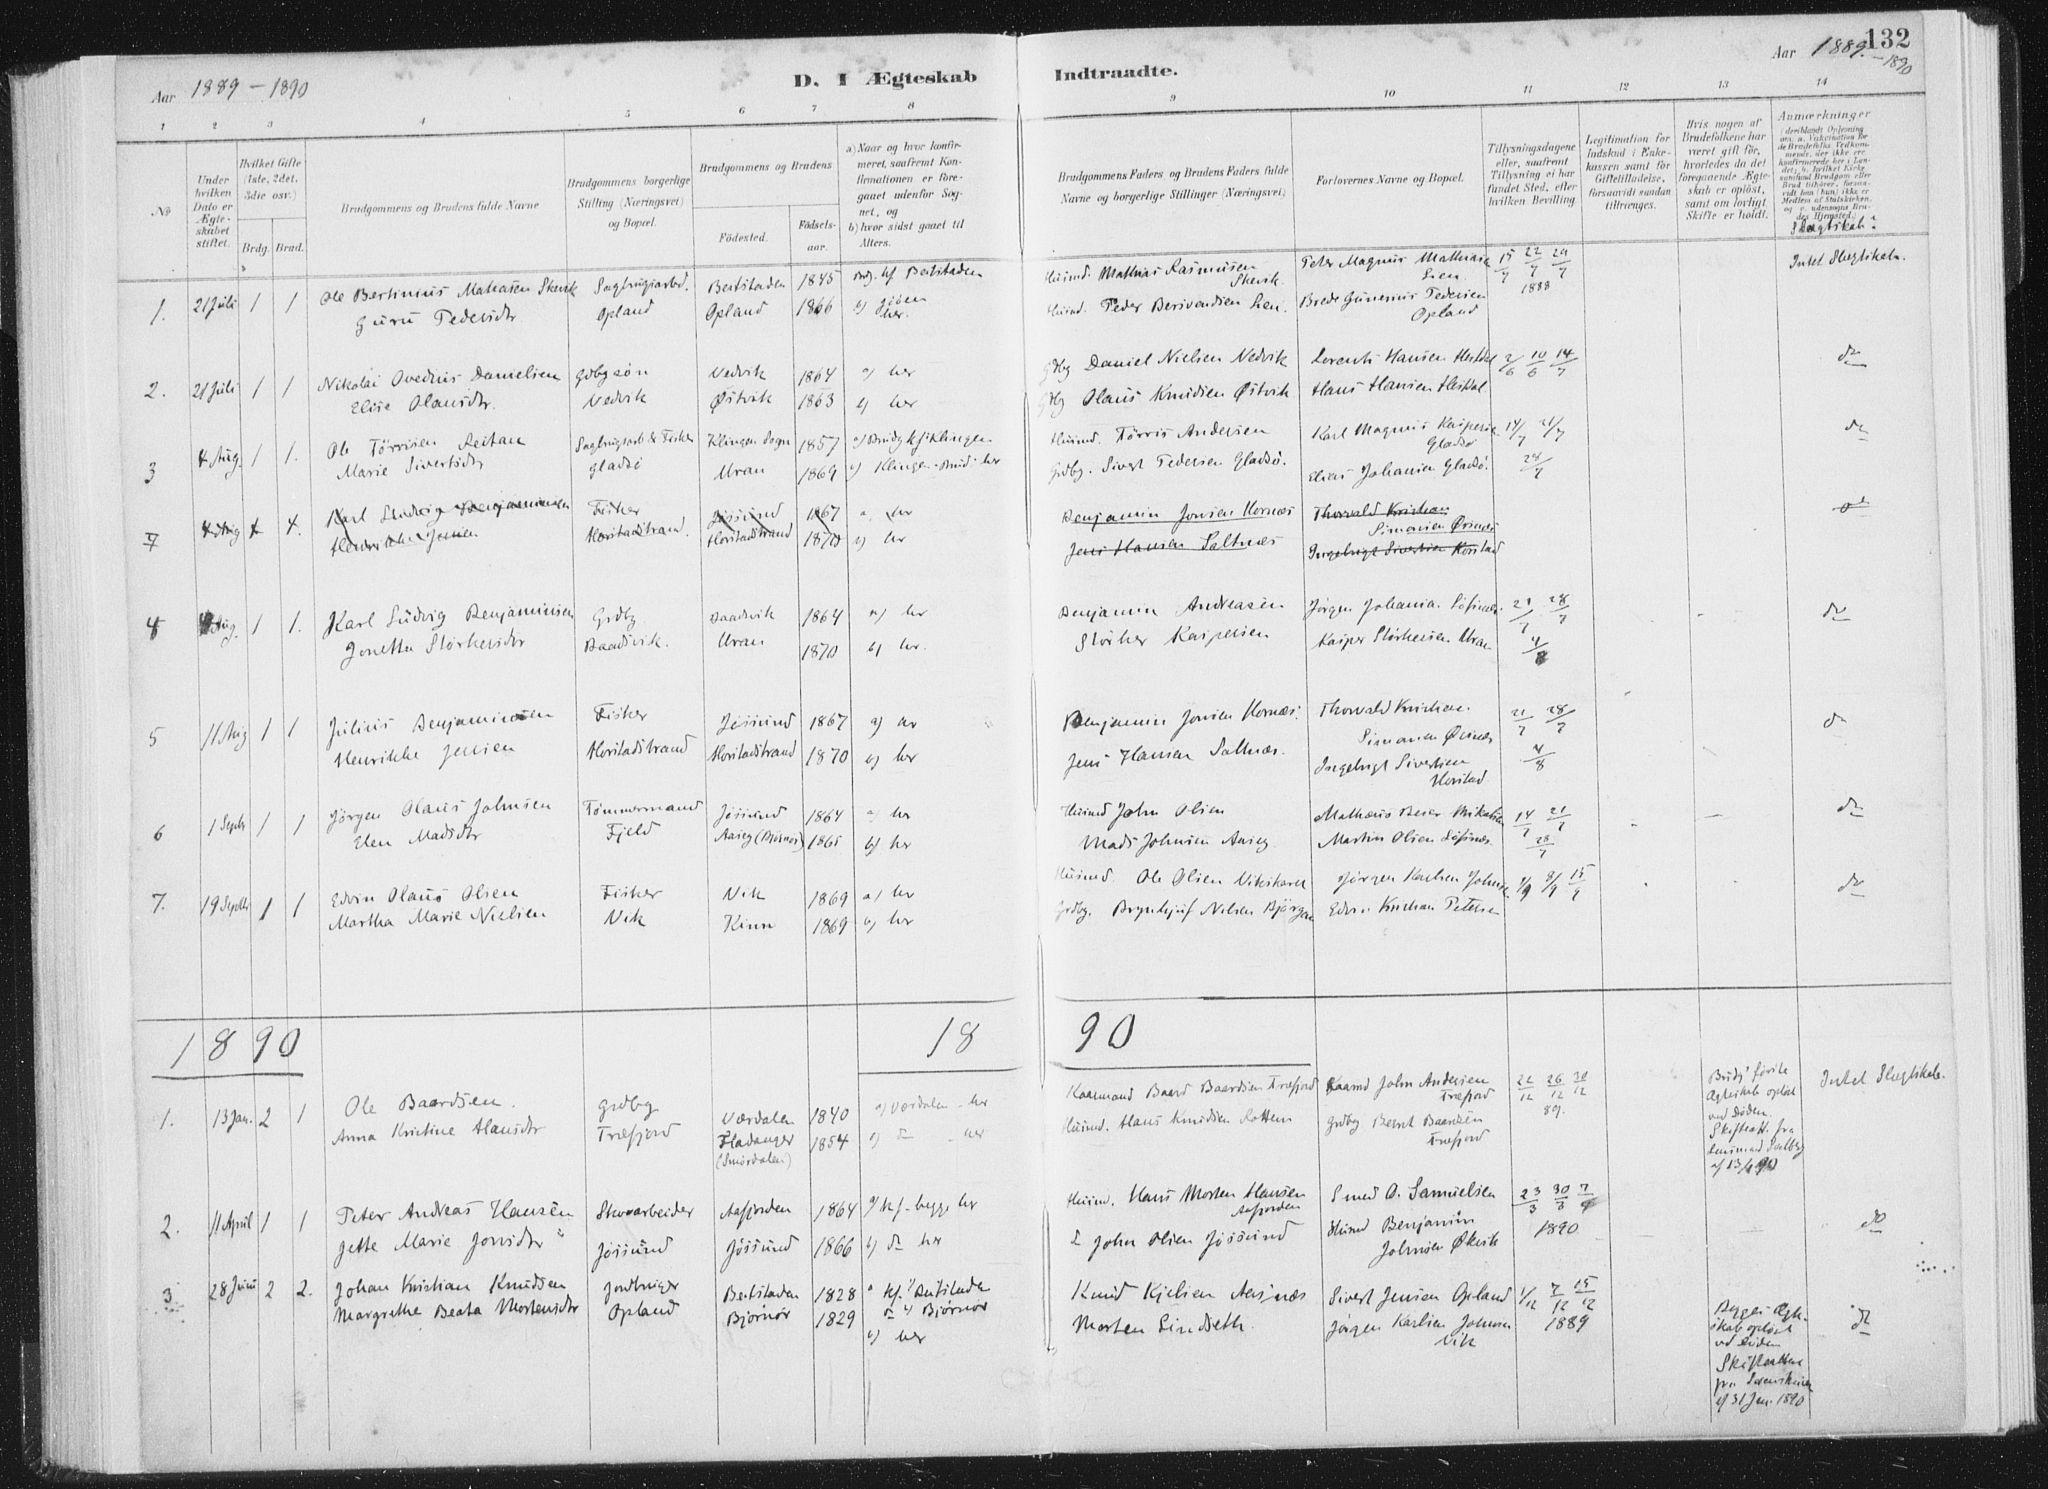 SAT, Ministerialprotokoller, klokkerbøker og fødselsregistre - Nord-Trøndelag, 771/L0597: Ministerialbok nr. 771A04, 1885-1910, s. 132